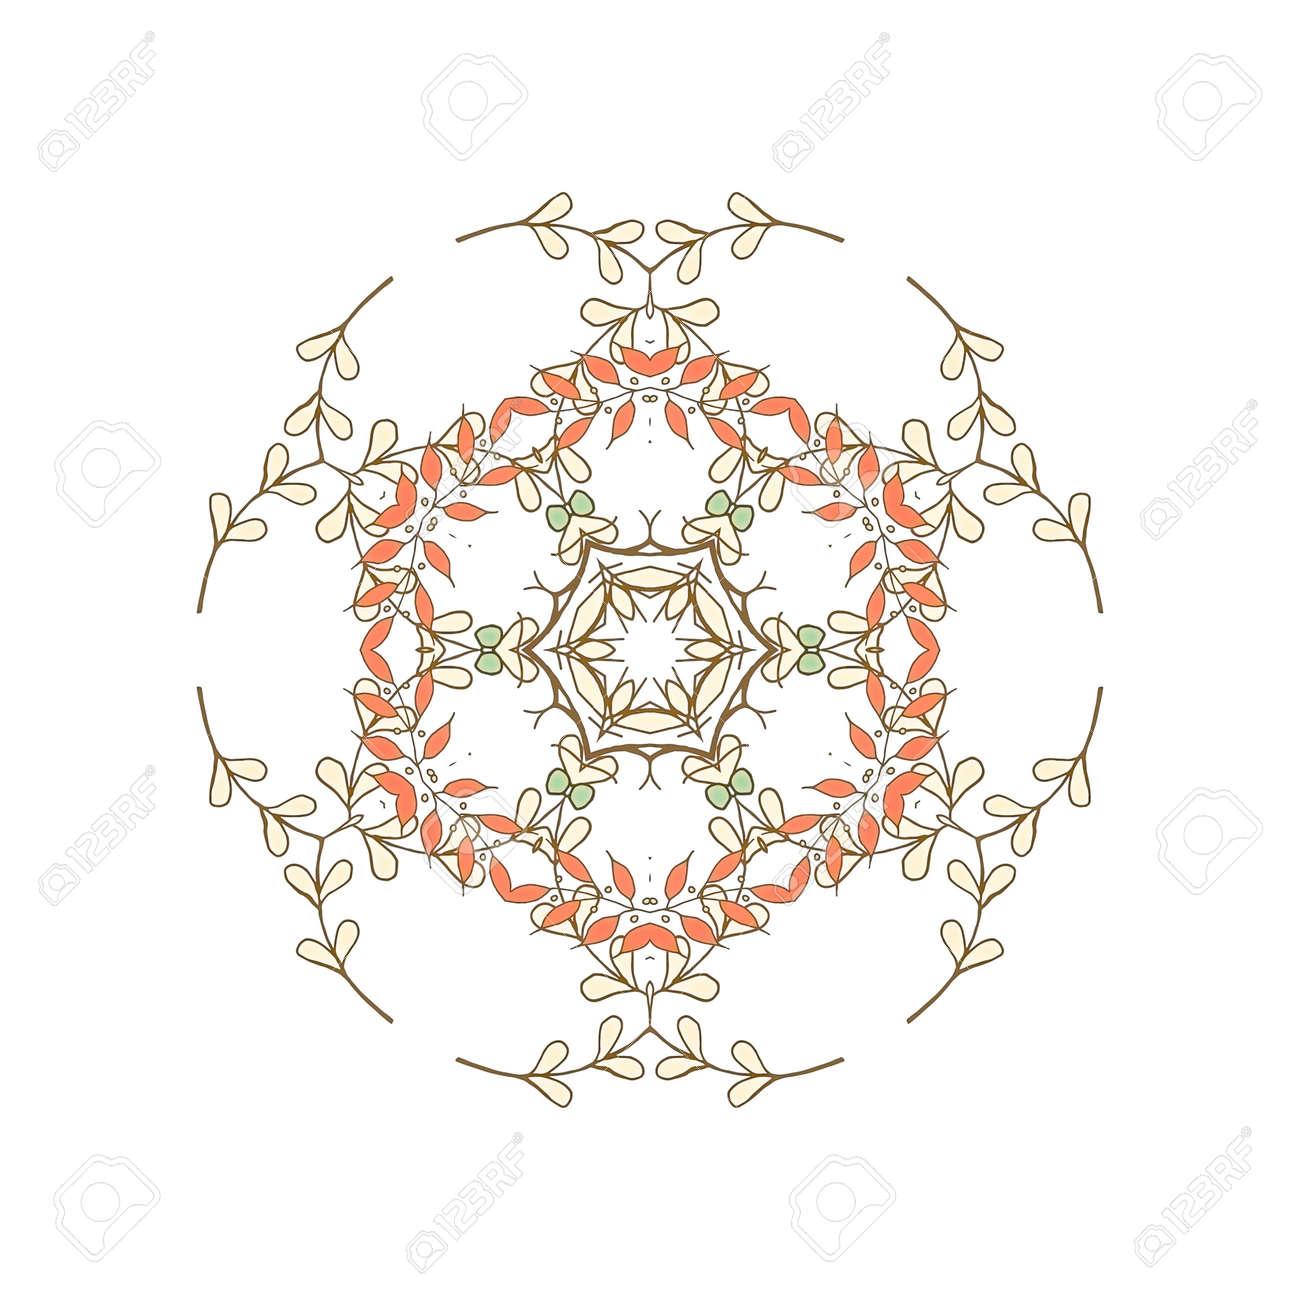 Patrón De Mosaico Simétrica Precioso. Azulejos Adornos Florales De ...